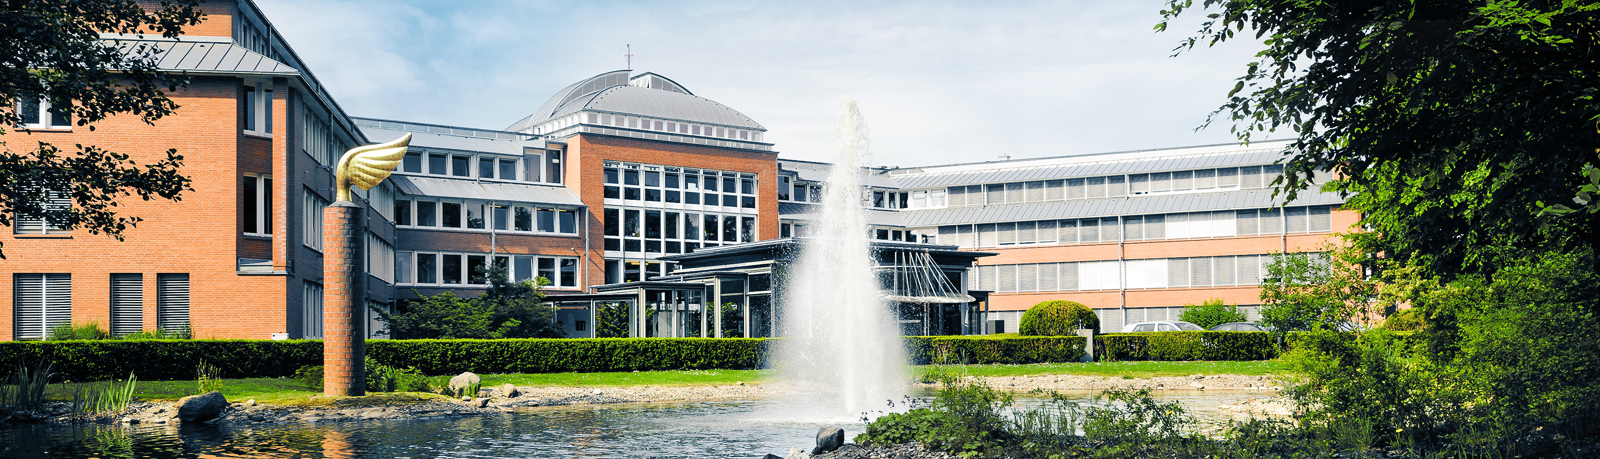 Treuhand Standort Oldenburg